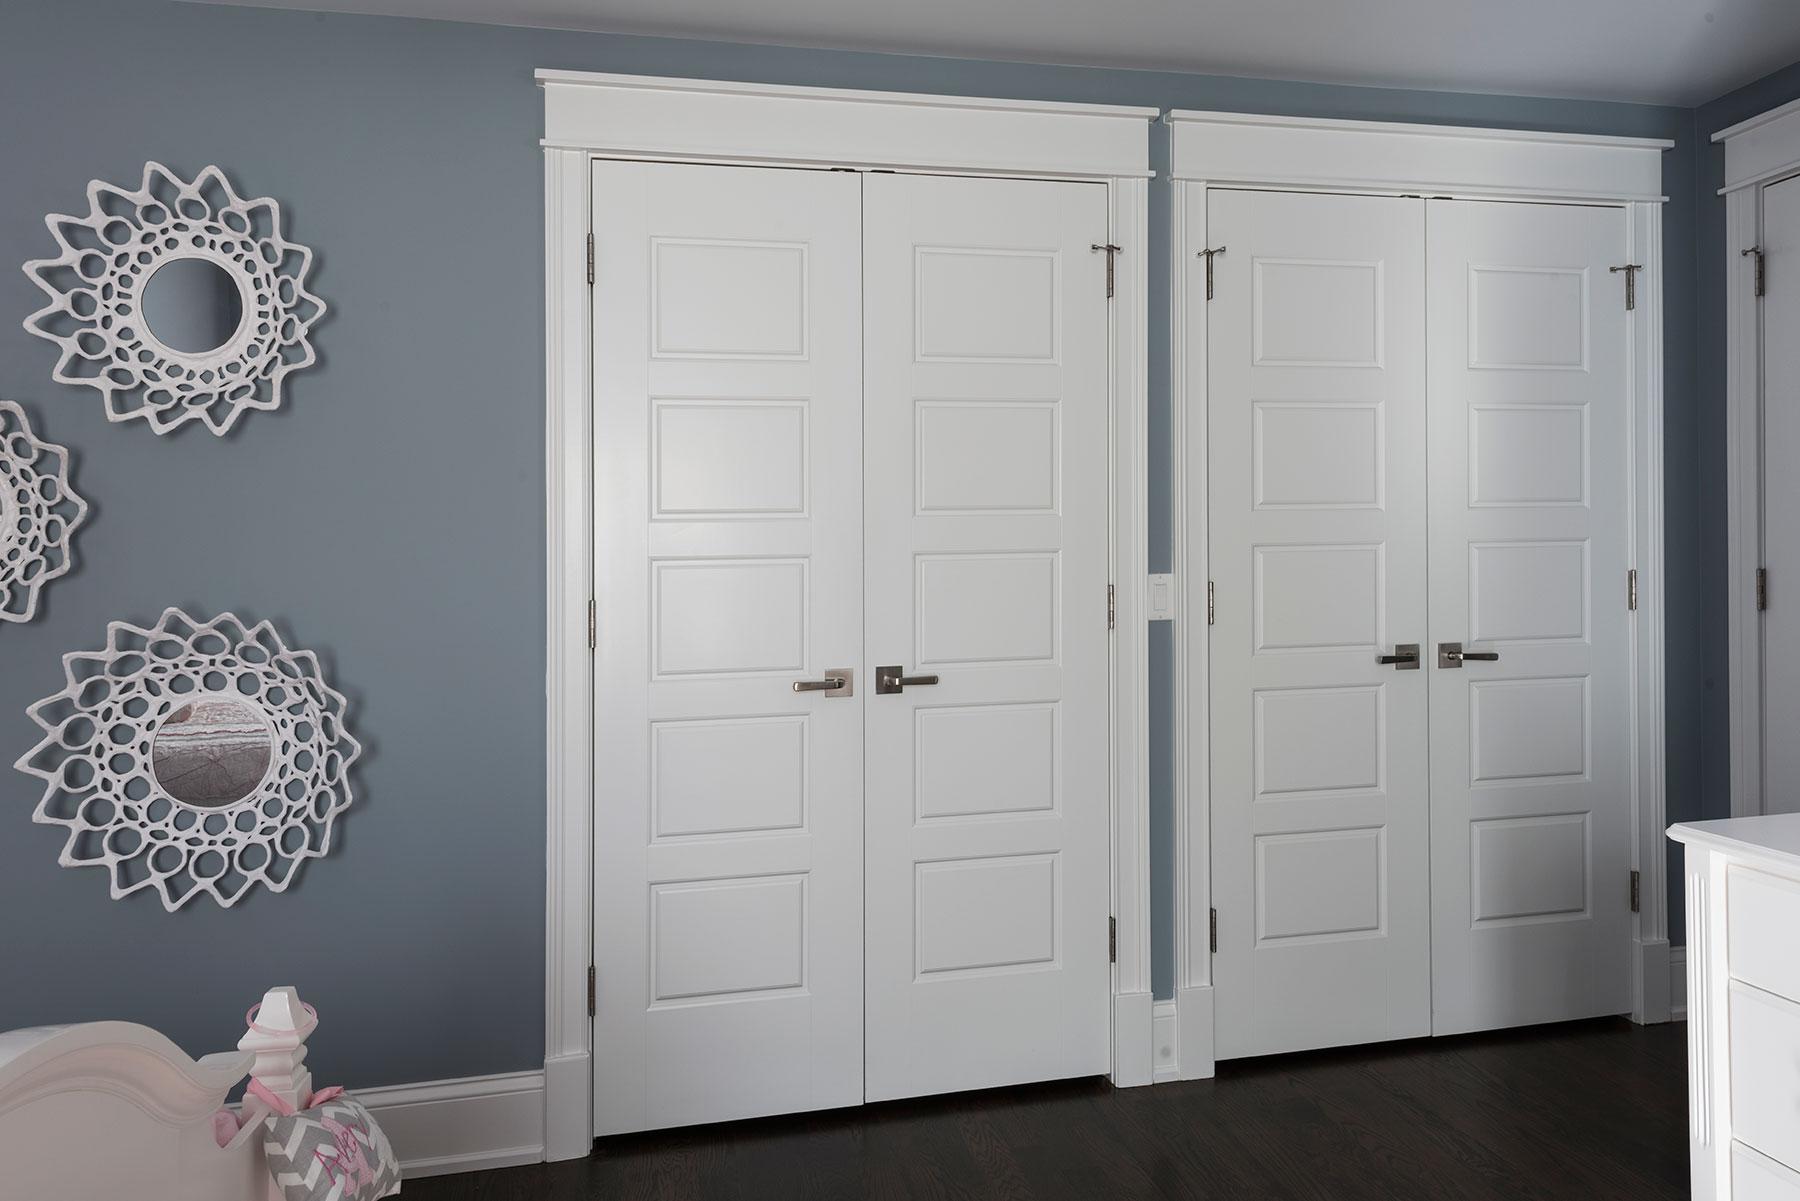 Custom Wood Interior Doors | 5-Panel Paint Grade MDF Double Closet Doors with Ball Catches  - Glenview Doors - Custom Doors in Chicago